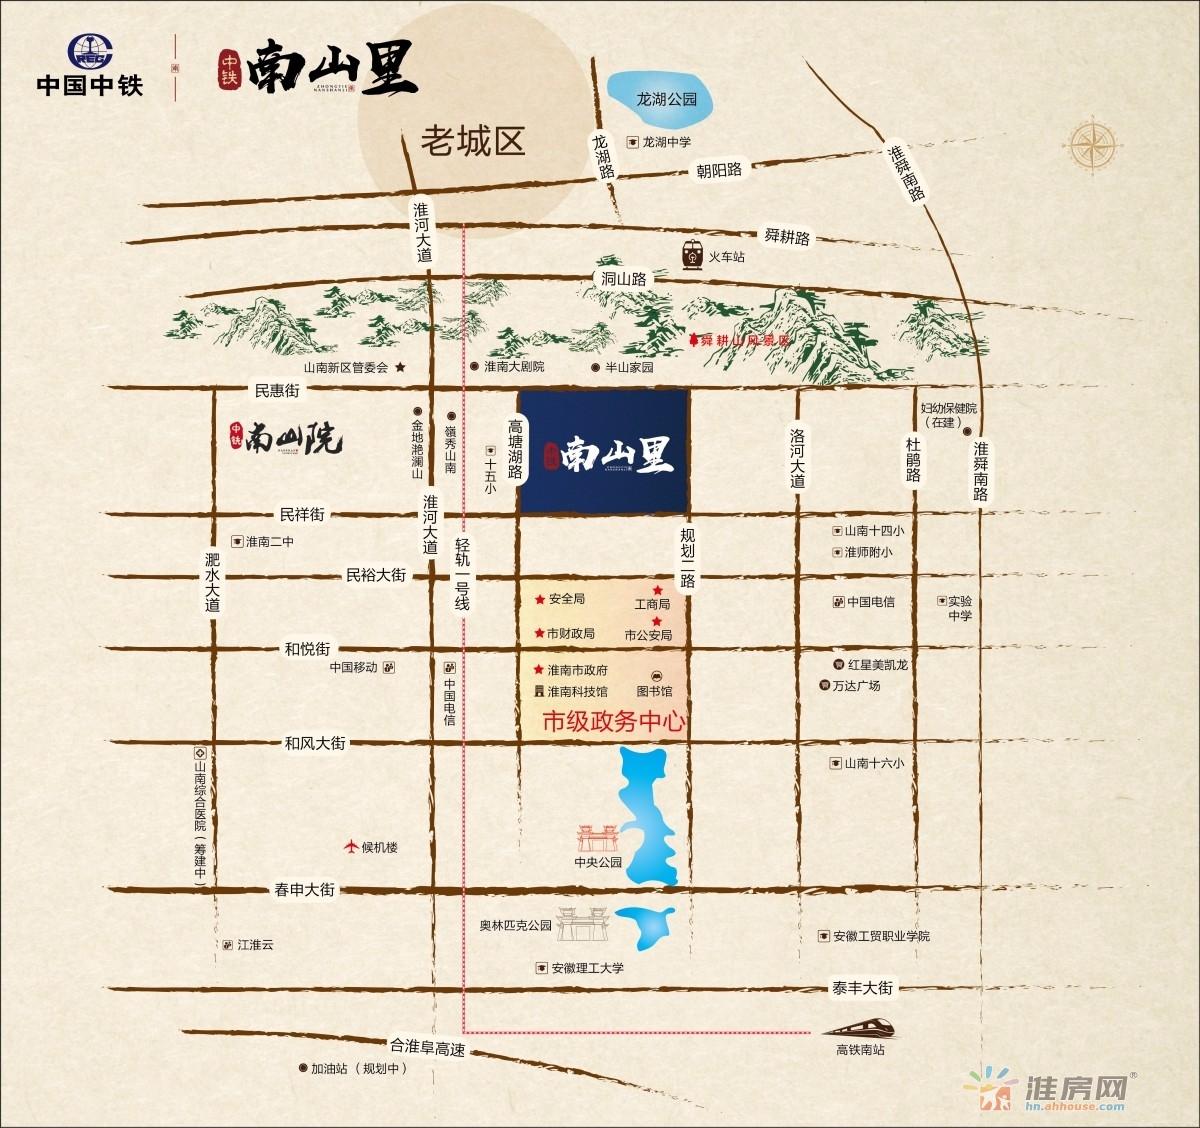 中铁南山里交通图